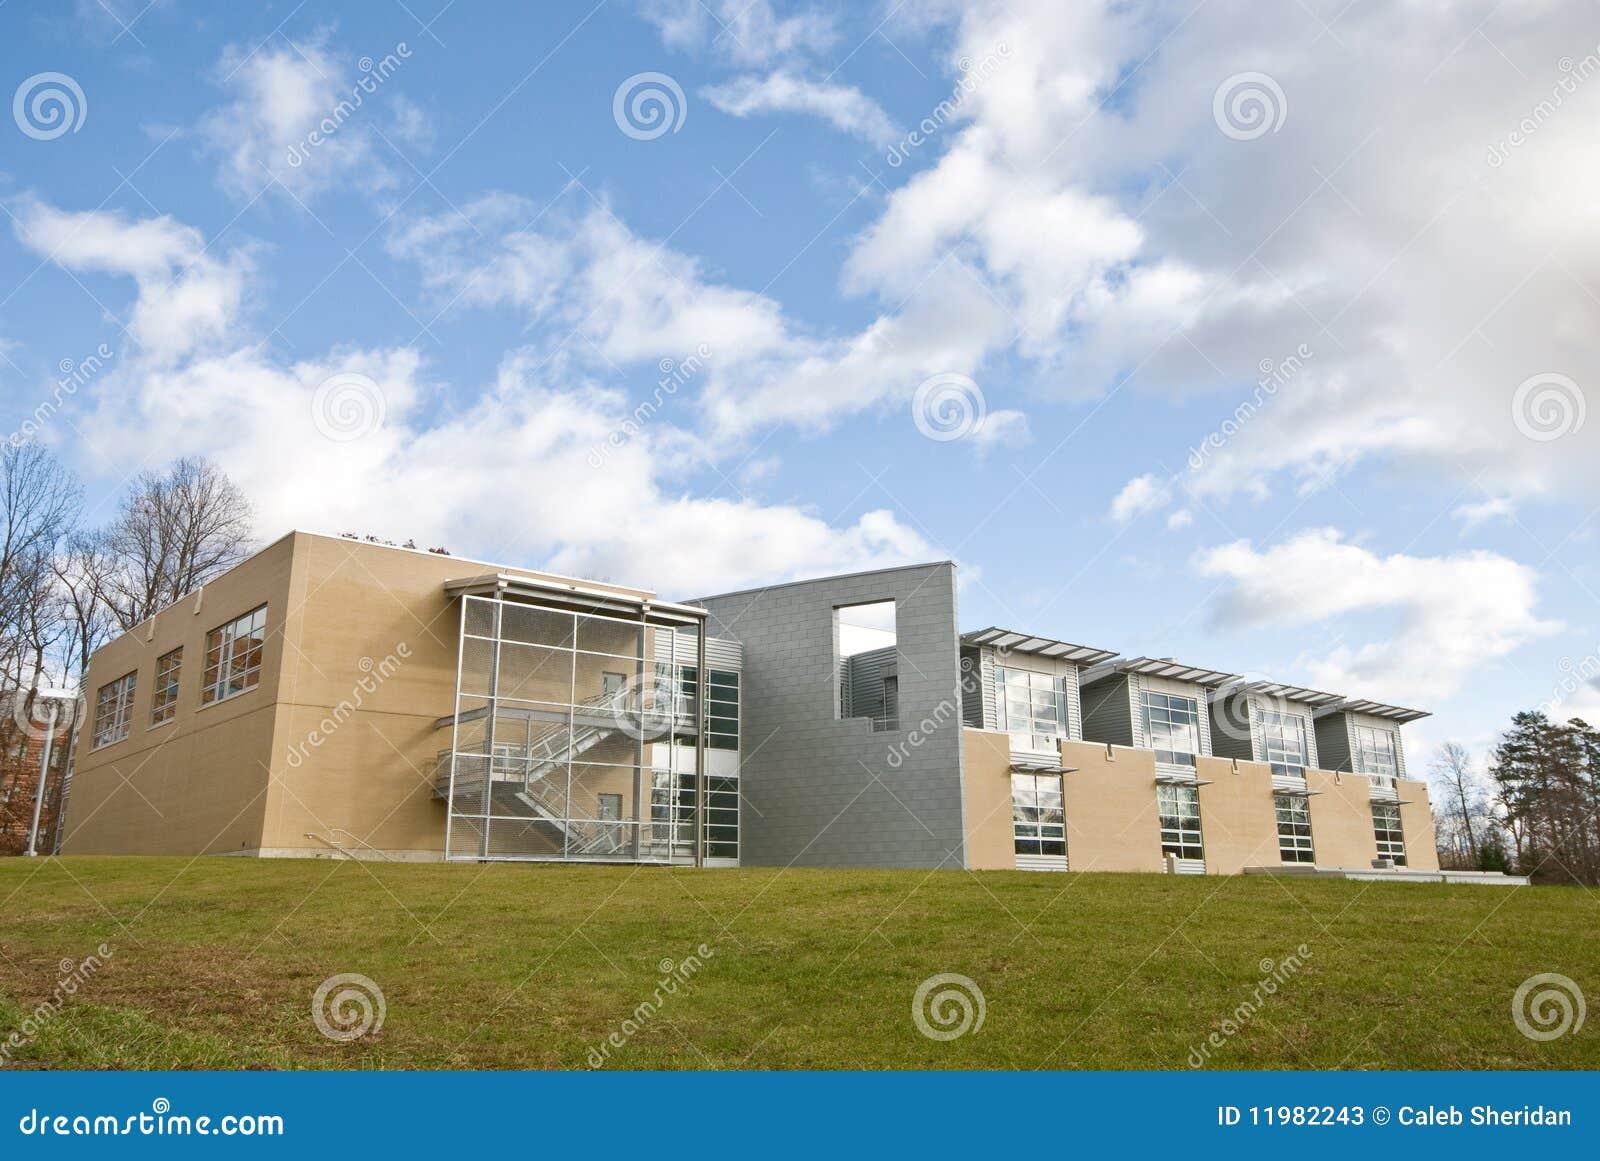 Architecture some college